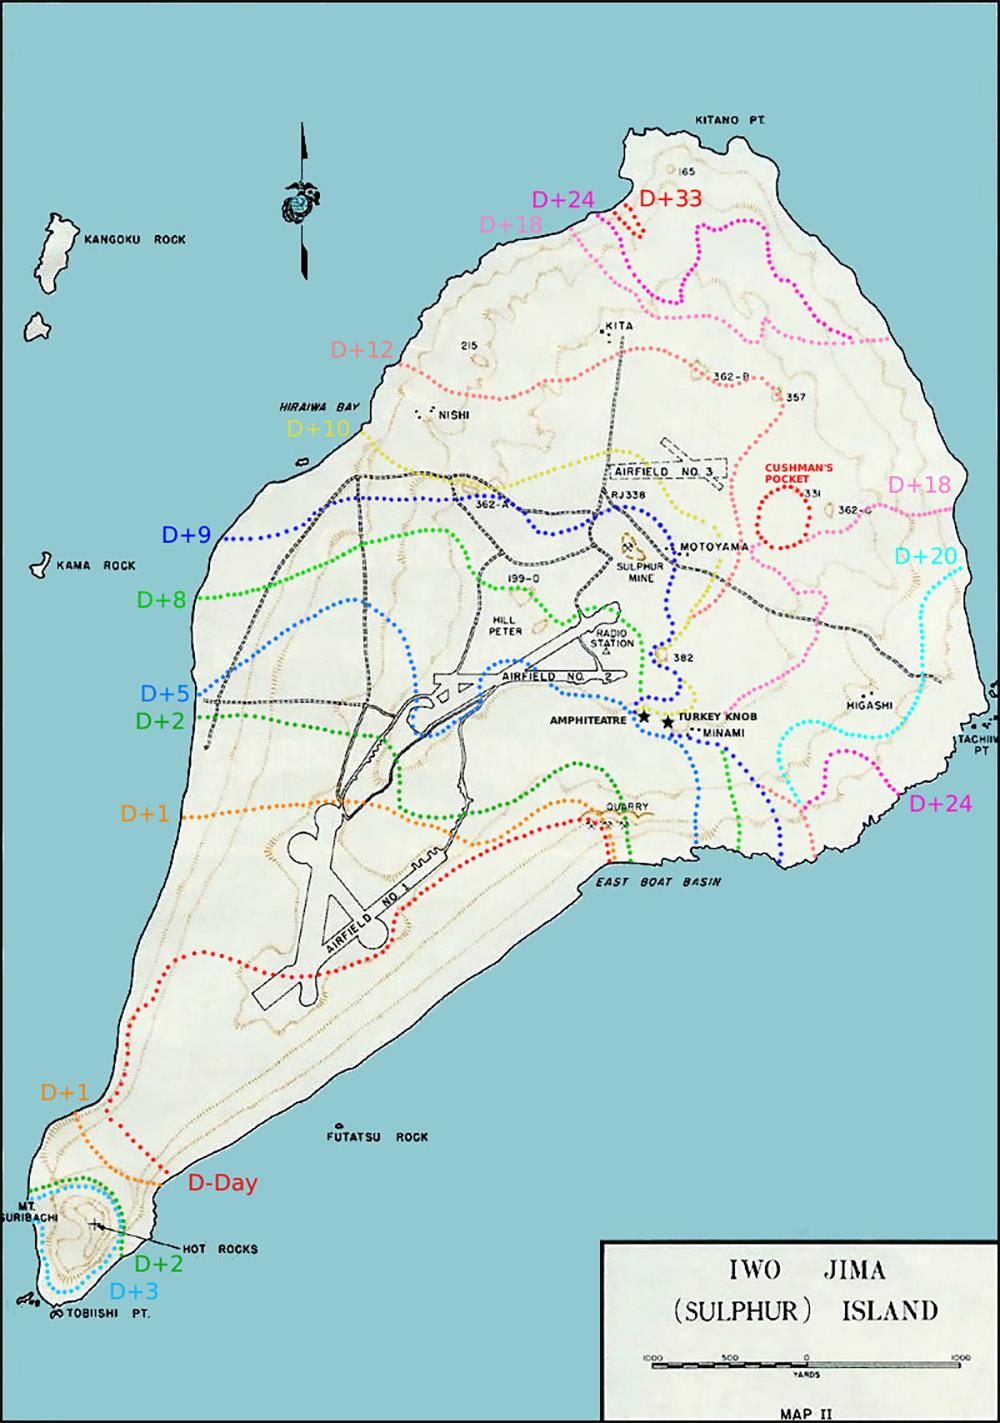 Iwo Jima - Kitano Point